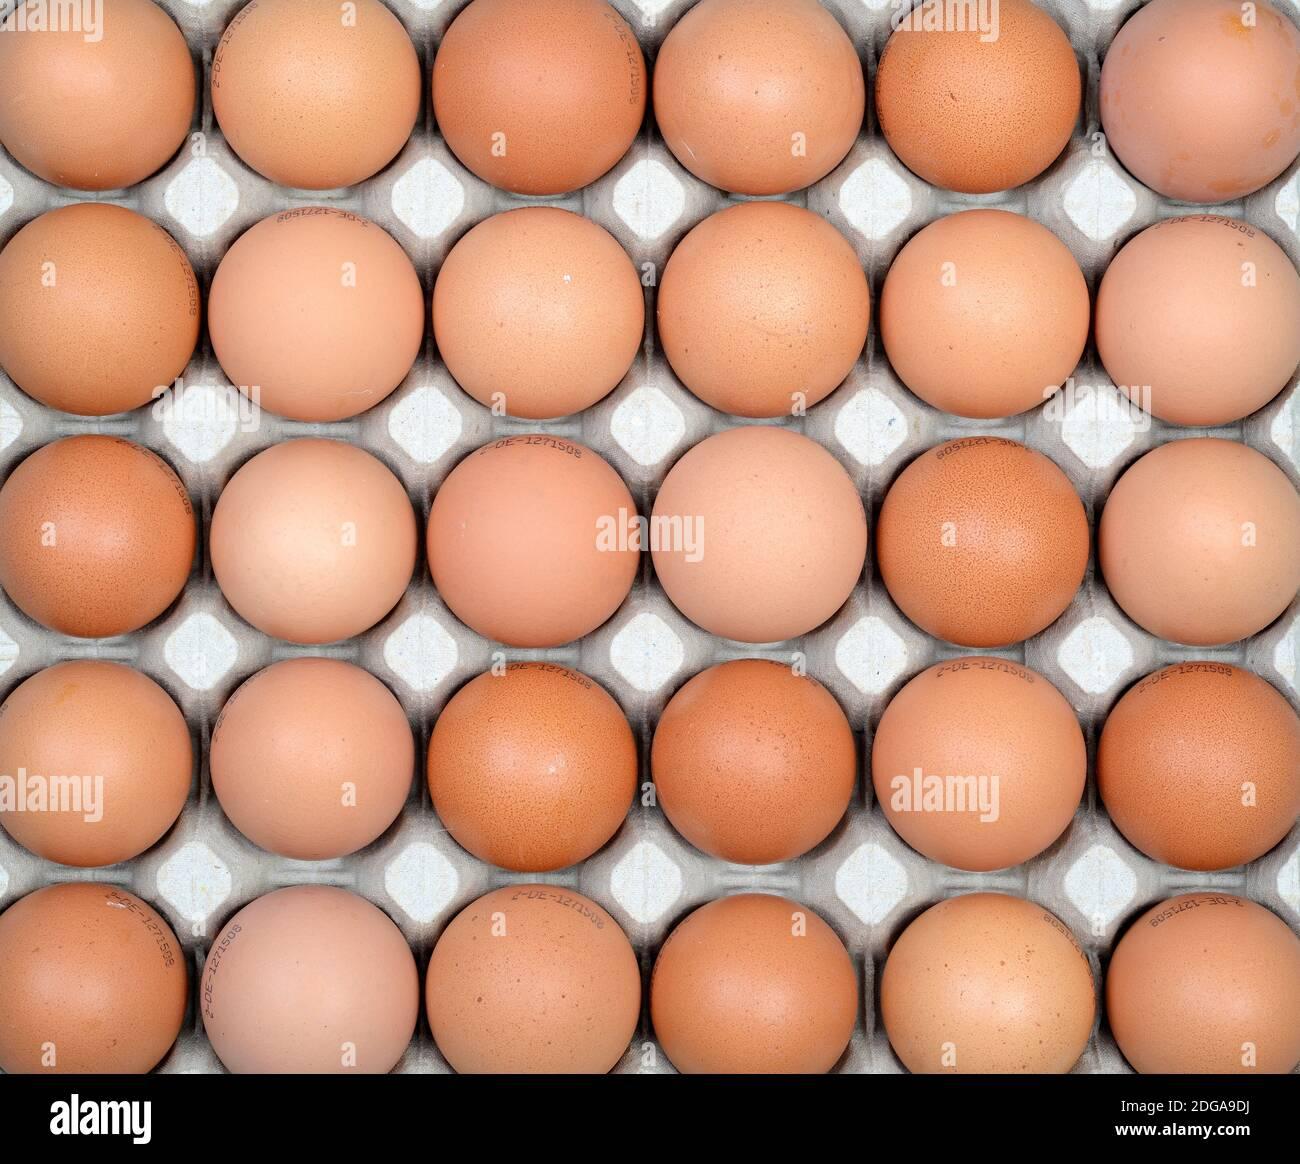 Braune Hühnereier in einer Palette Stock Photo